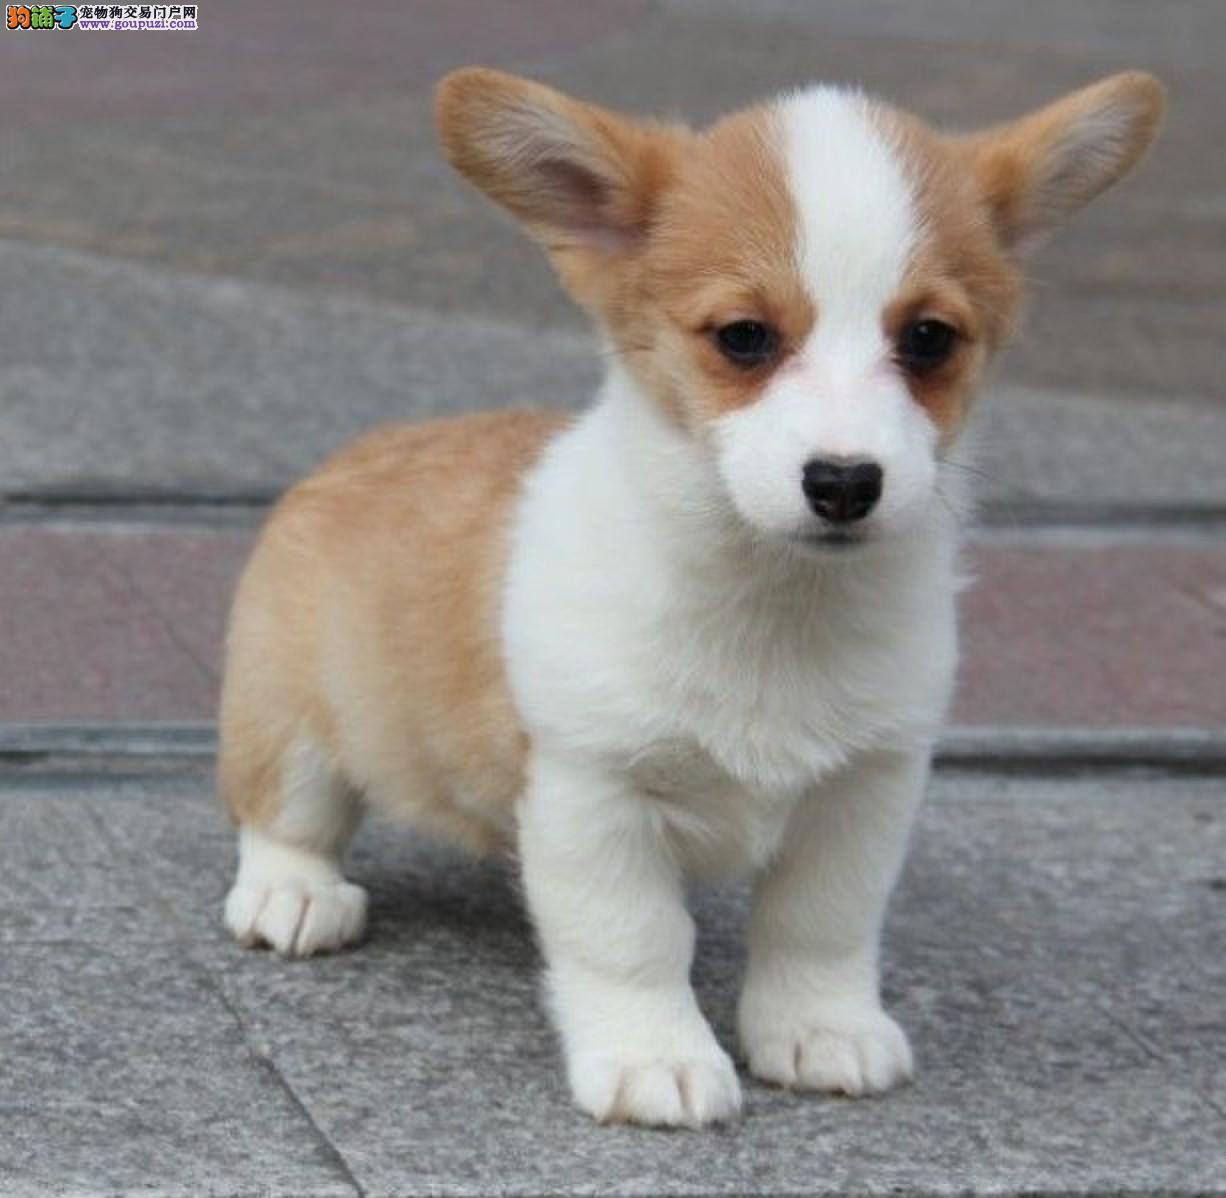 江门专业犬舍繁殖威尔士柯基犬幼犬出售 纯血统柯基